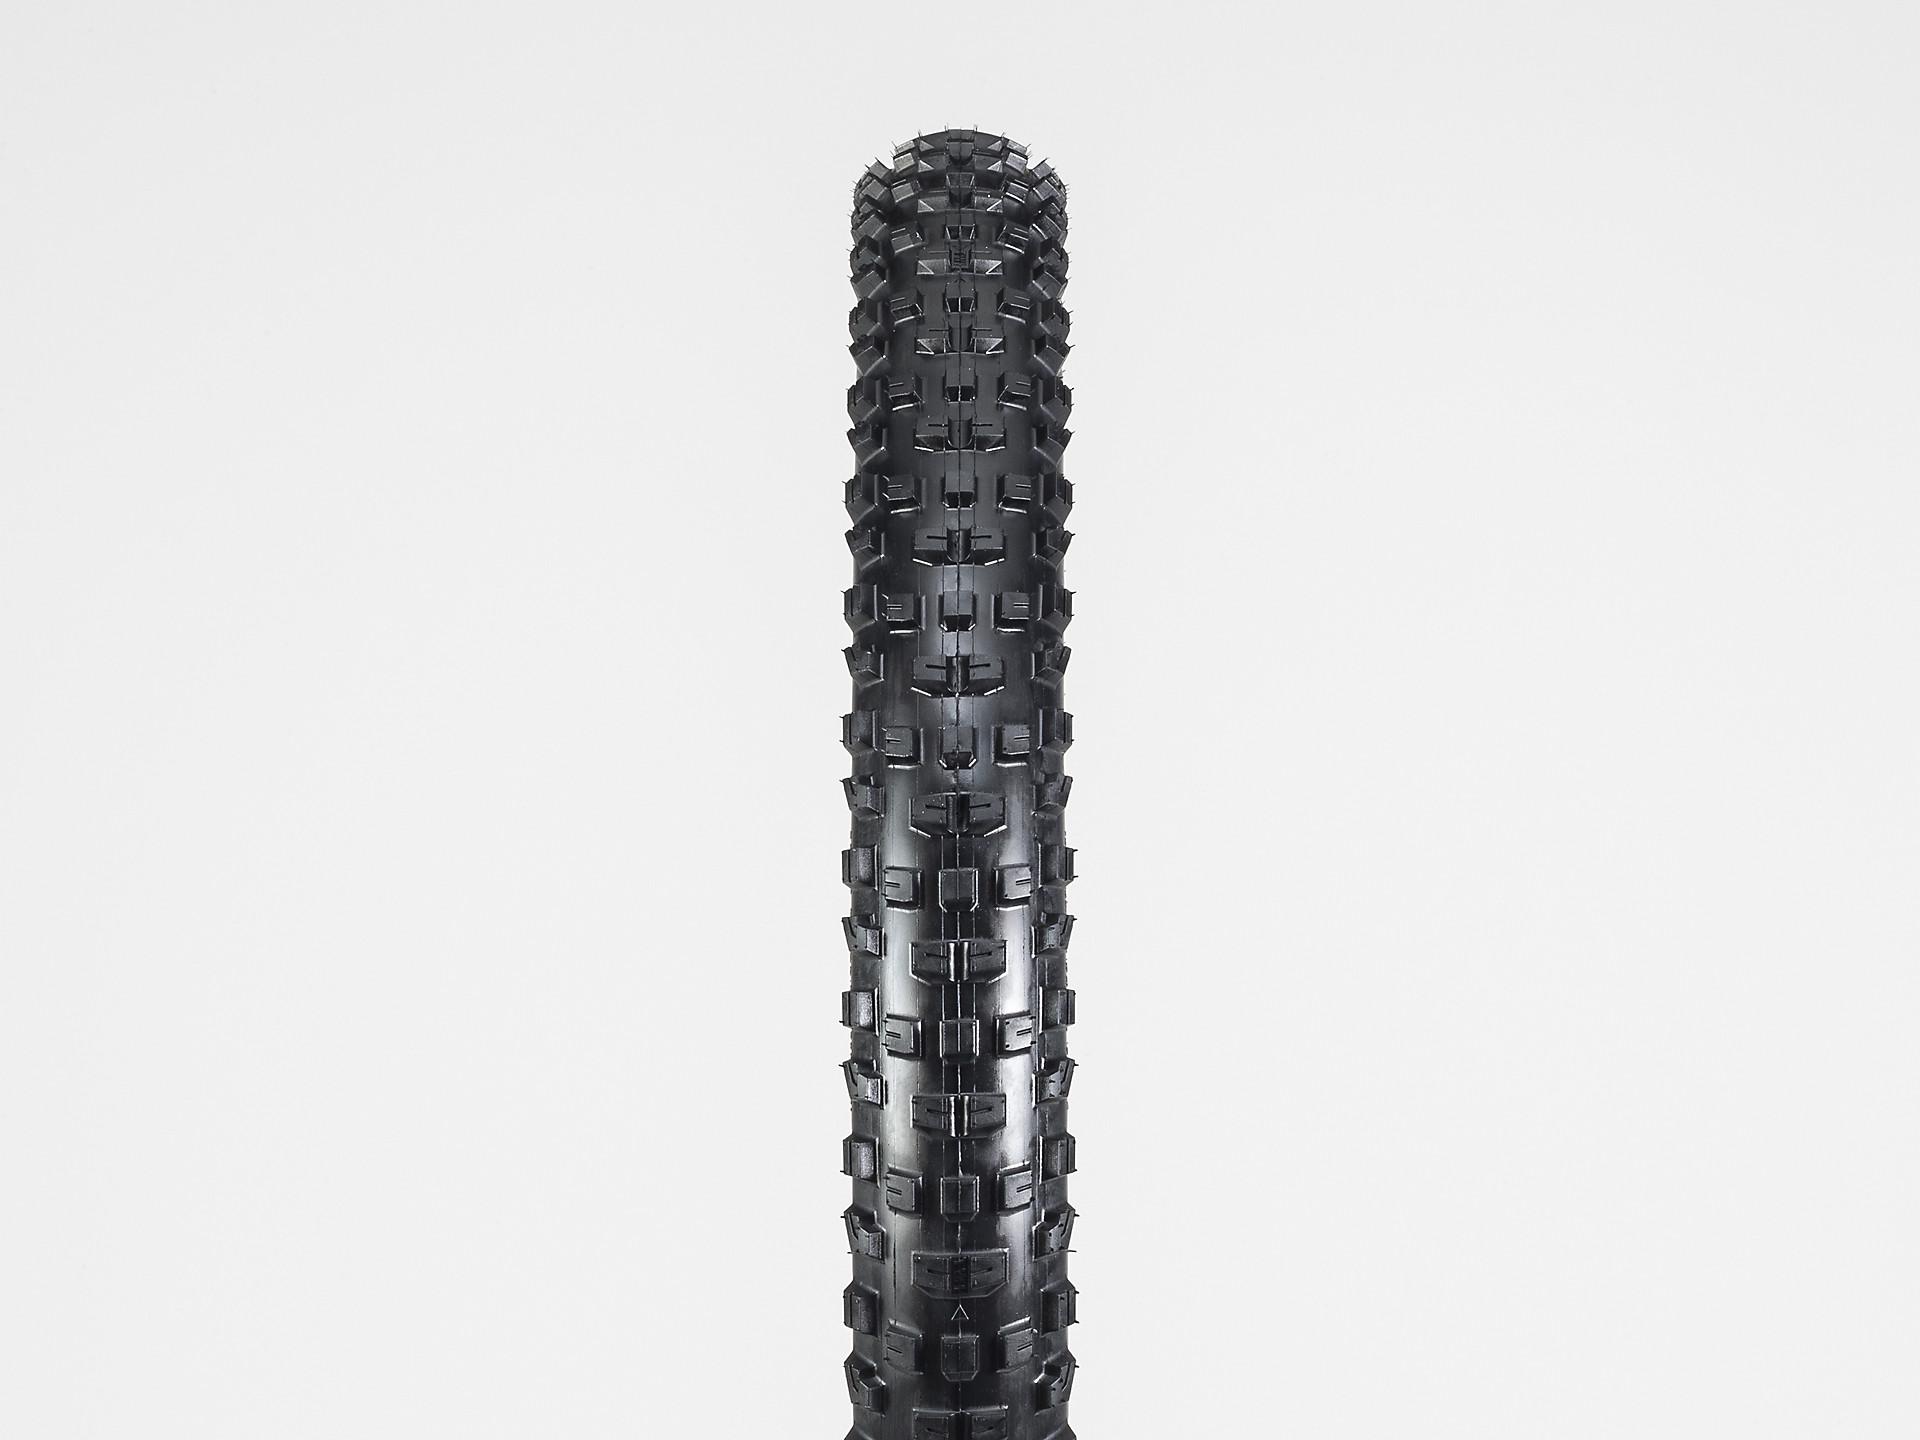 Bontrager XR4 Team Issue TLR MTB Tire black